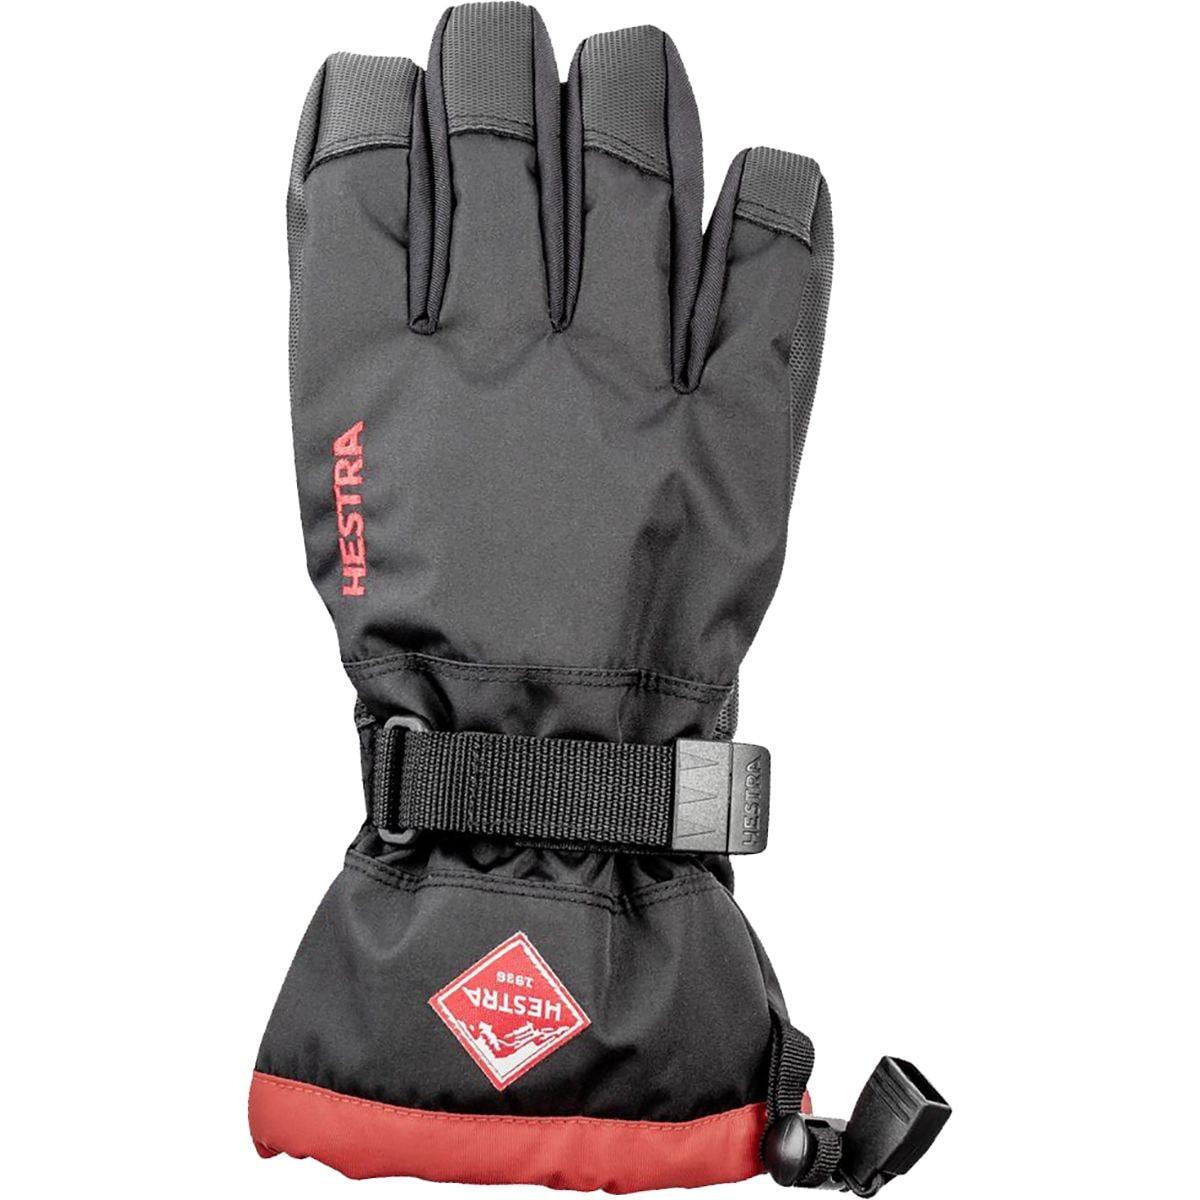 Gauntlet CZone Junior Glove - Kids